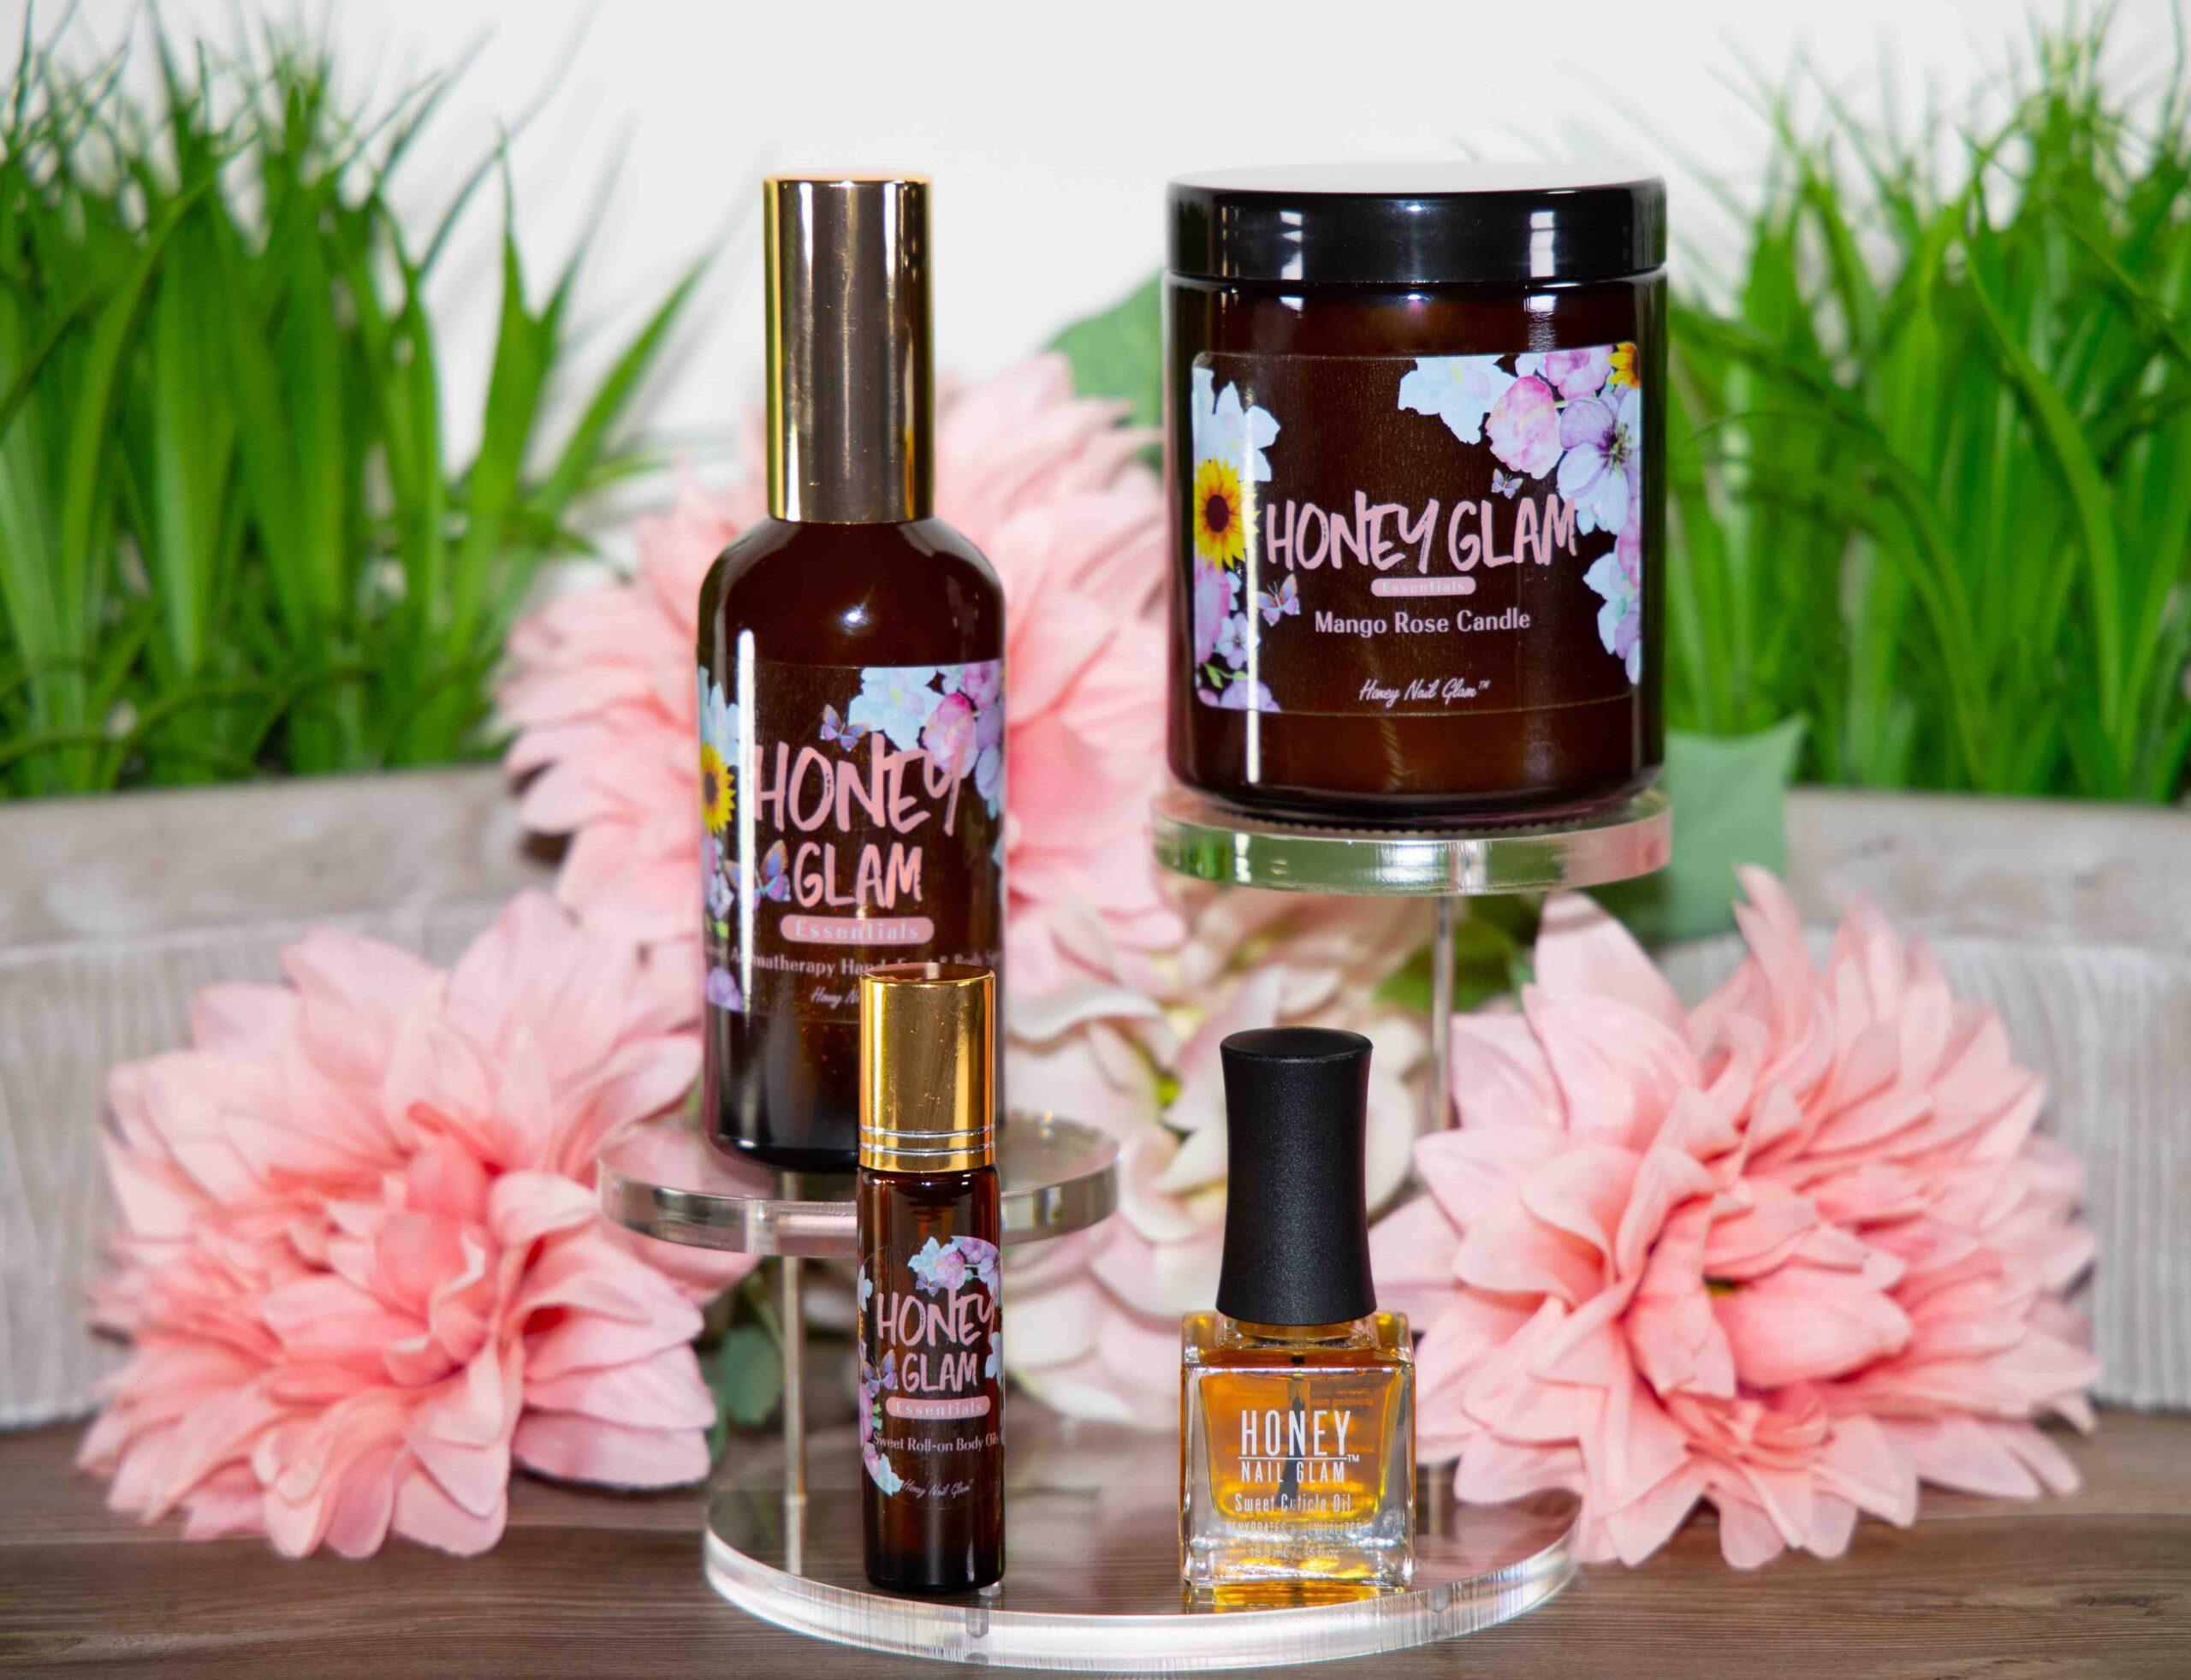 Honey Nail Glam, beauty